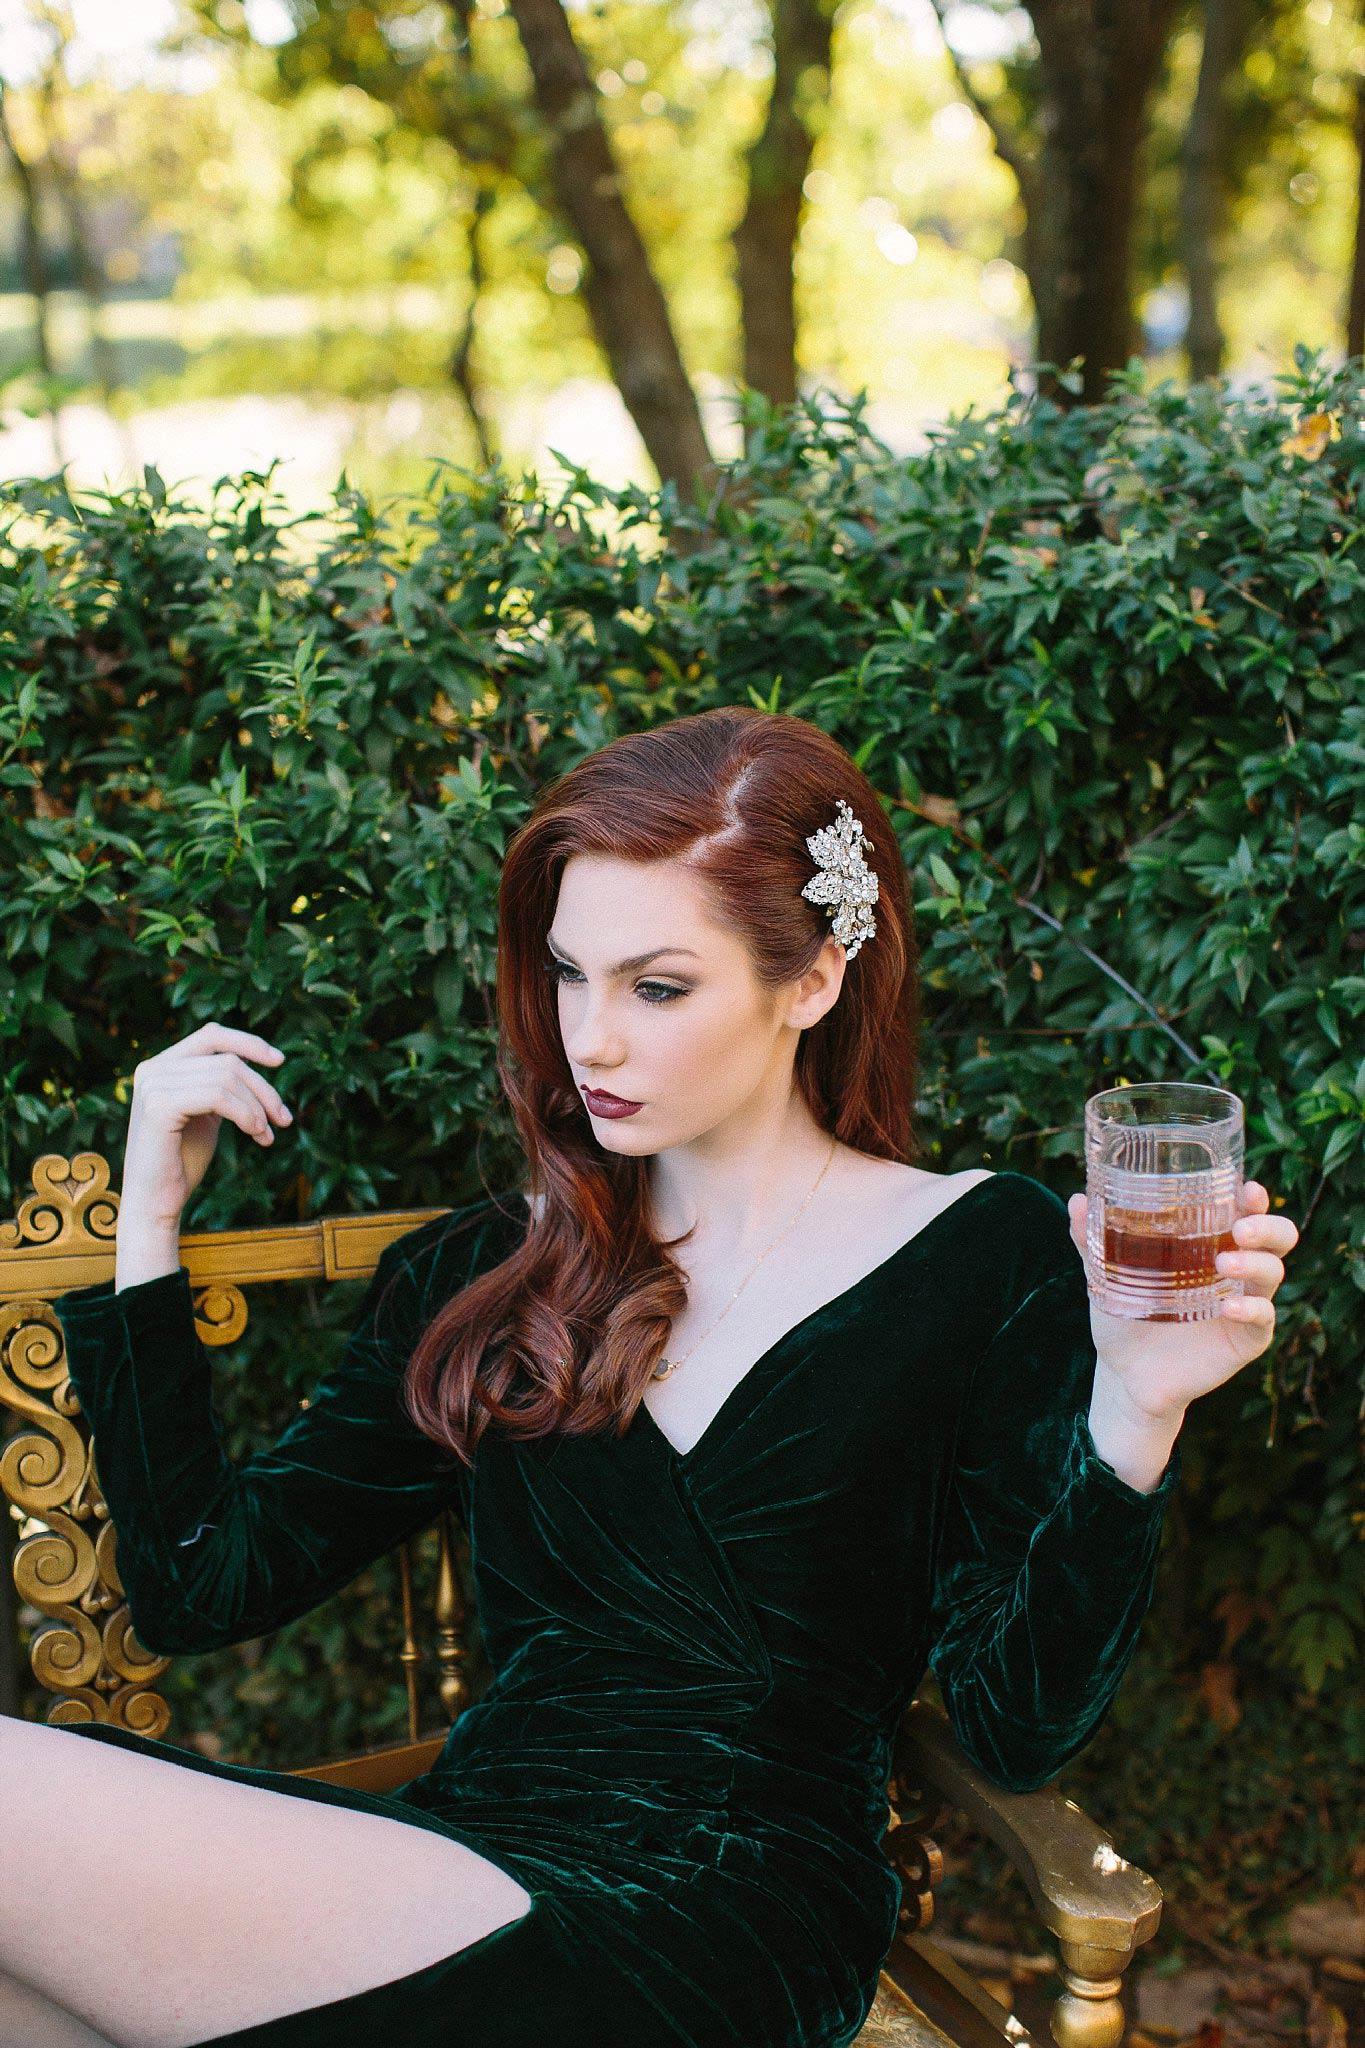 Redhead in velvet green dress drinking whiskey